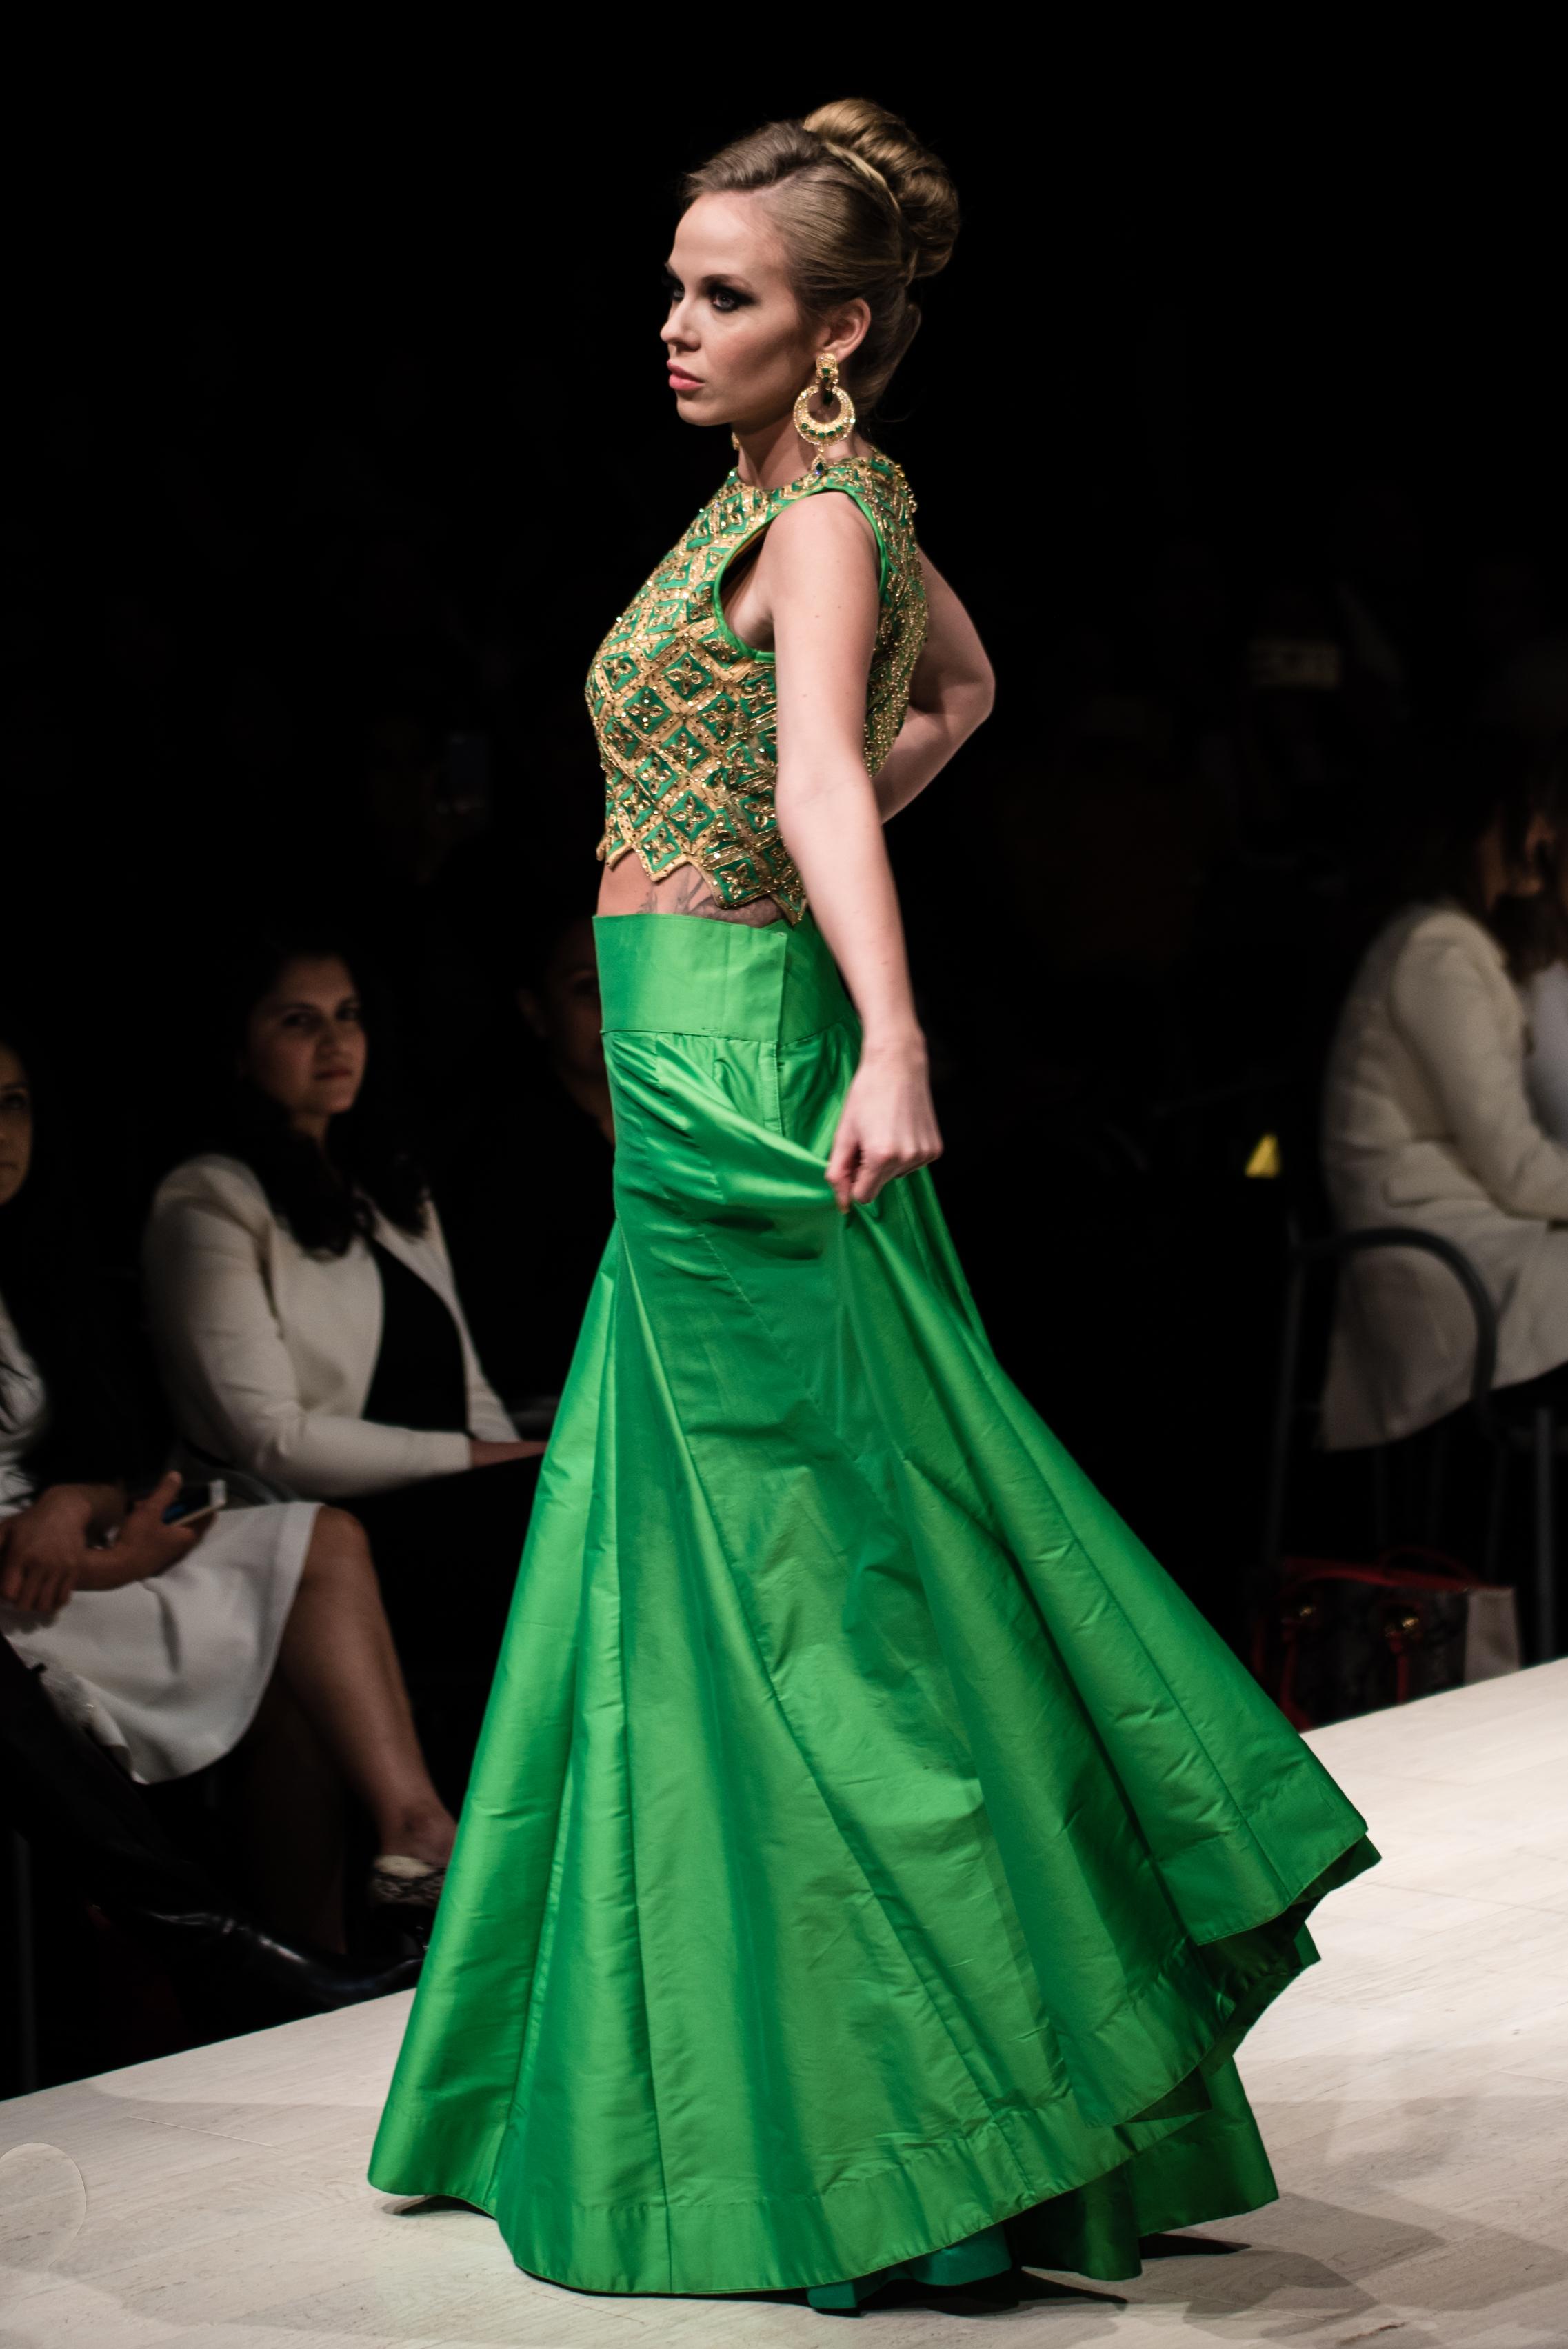 Sher Khan Niazi-WCFW-Aman Couture-3079.jpg